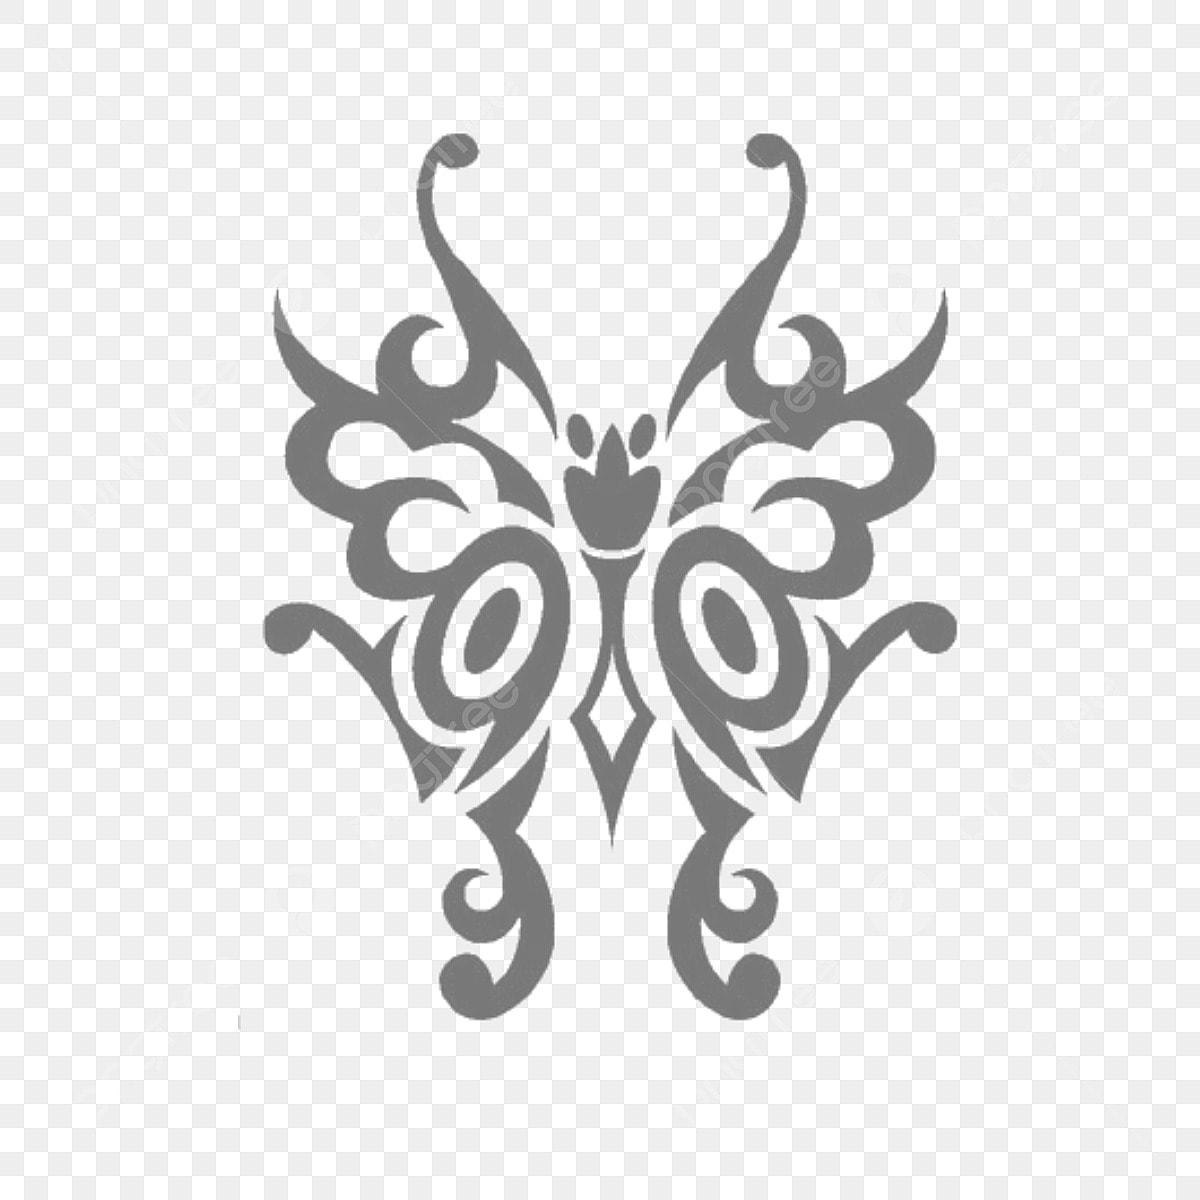 Petits Tatouages Dessins Png Transparent Icones Transparentes Petites Icones Petits Dessins De Tatouages Fichier Png Et Psd Pour Le Telechargement Libre